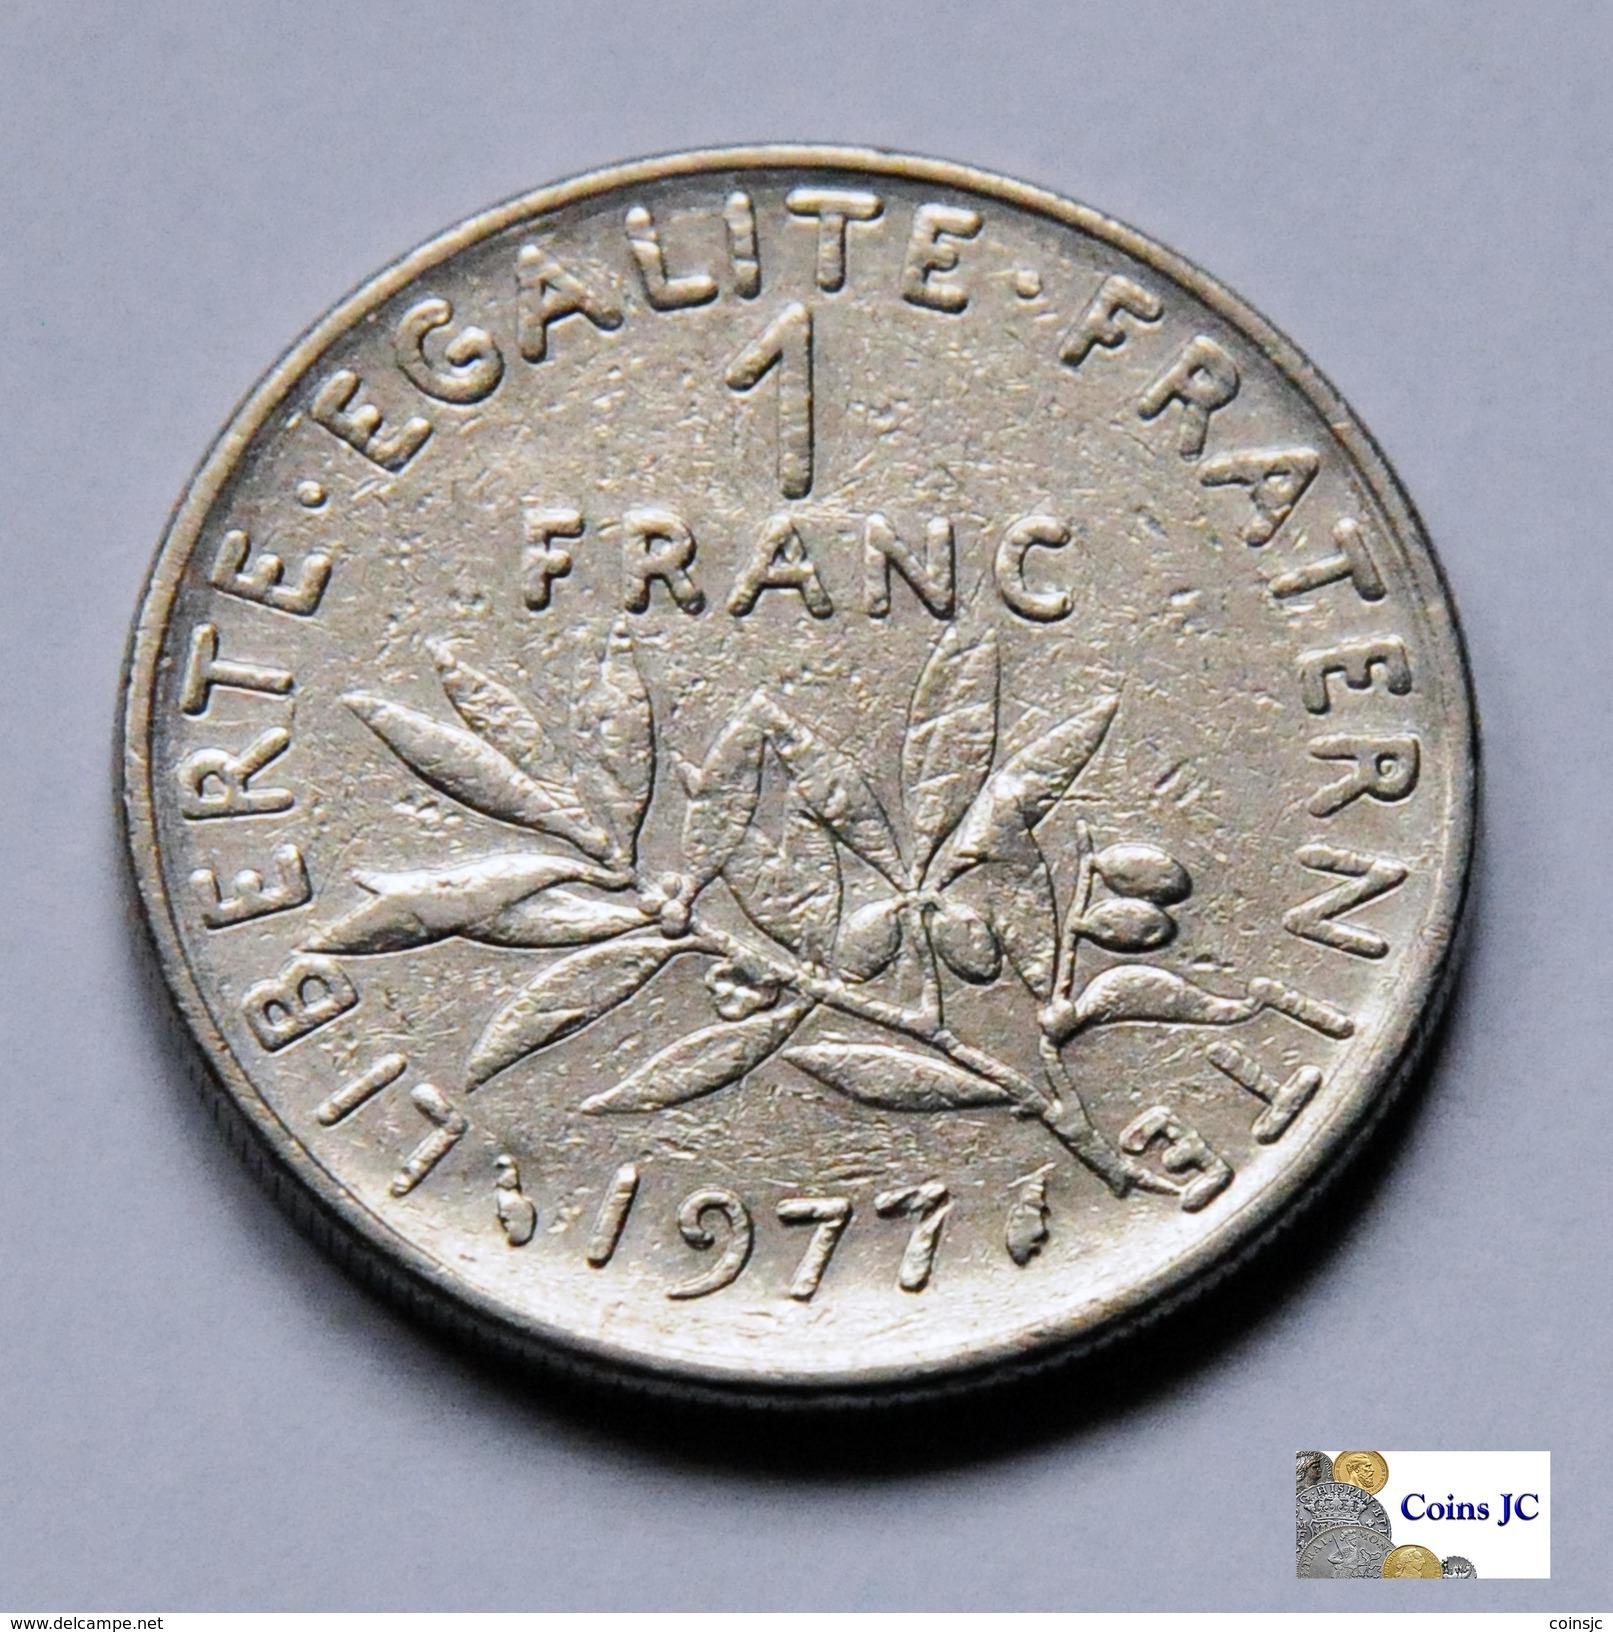 Francia - 1 Franc - 1977 - Francia